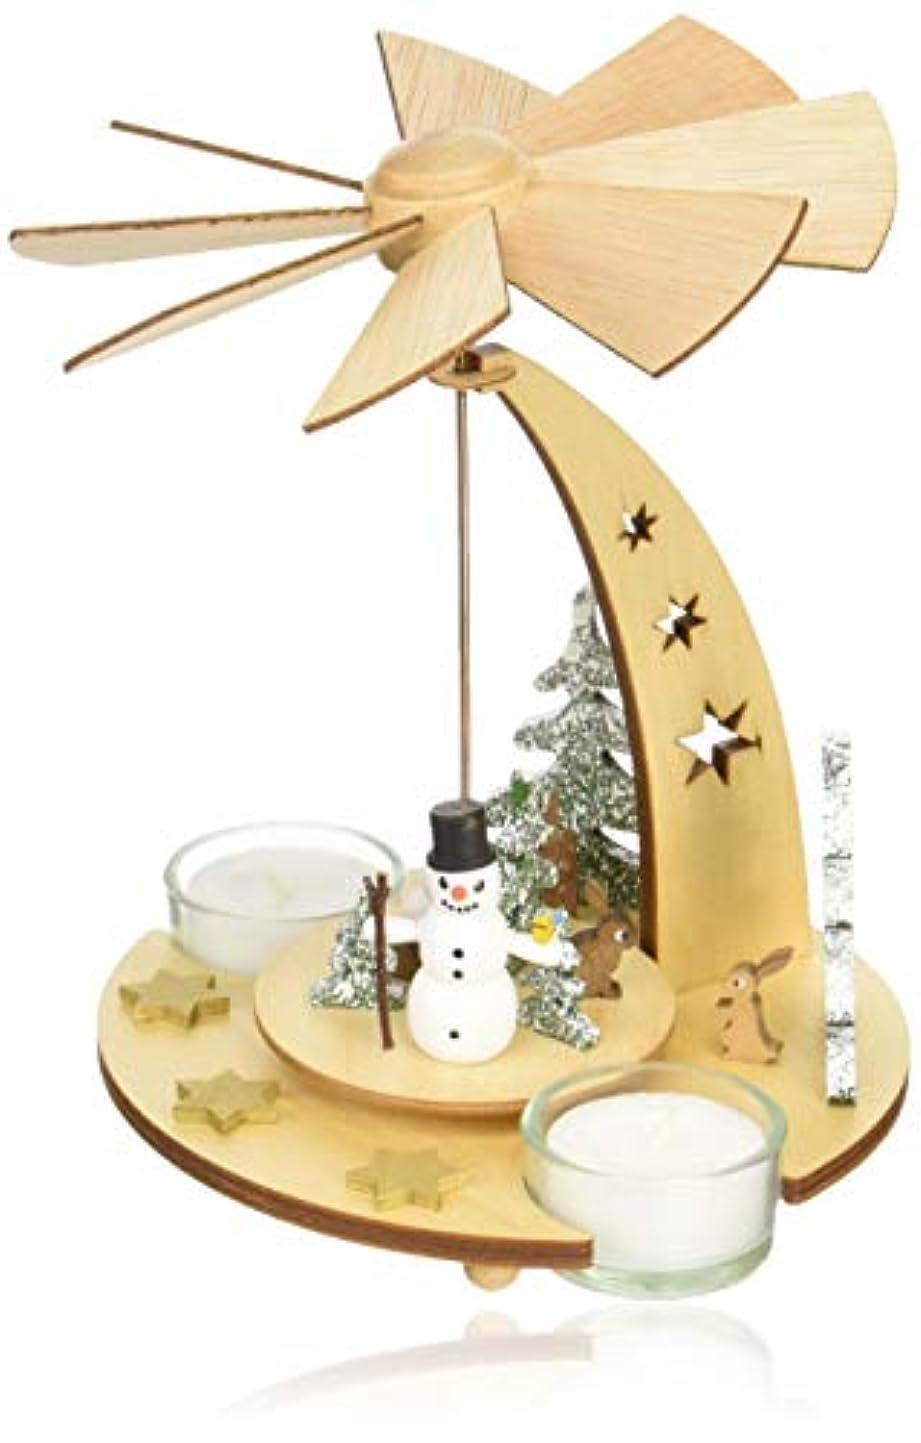 支配するブロッサム入るkuhnert クリスマスピラミッド スノーマン